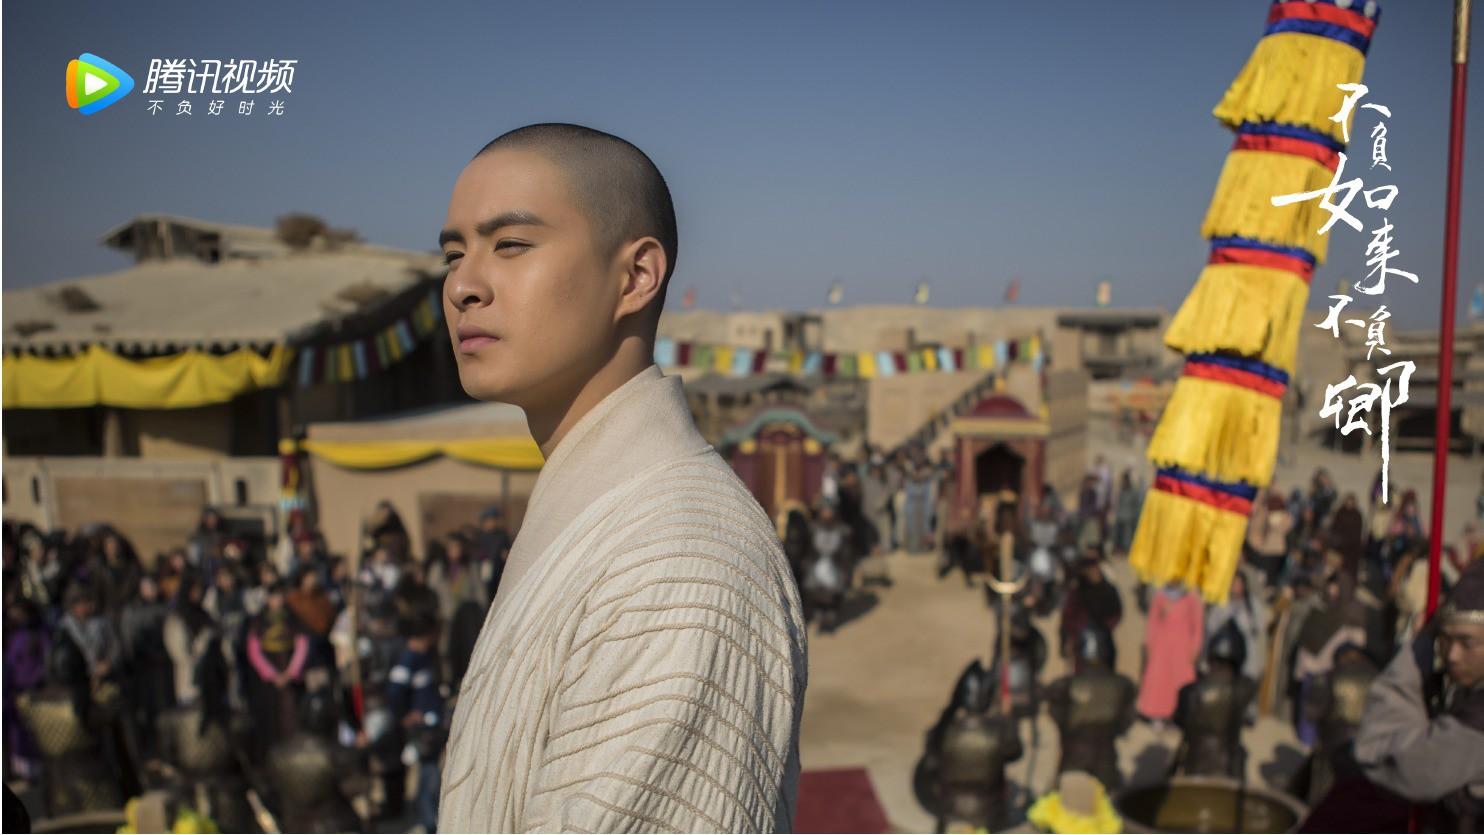 Bất Phụ Như Lai, Bất Phụ Khanh - bộ phim từ năm 2017 bỗng nhiên sốt trở lại tại Việt Nam